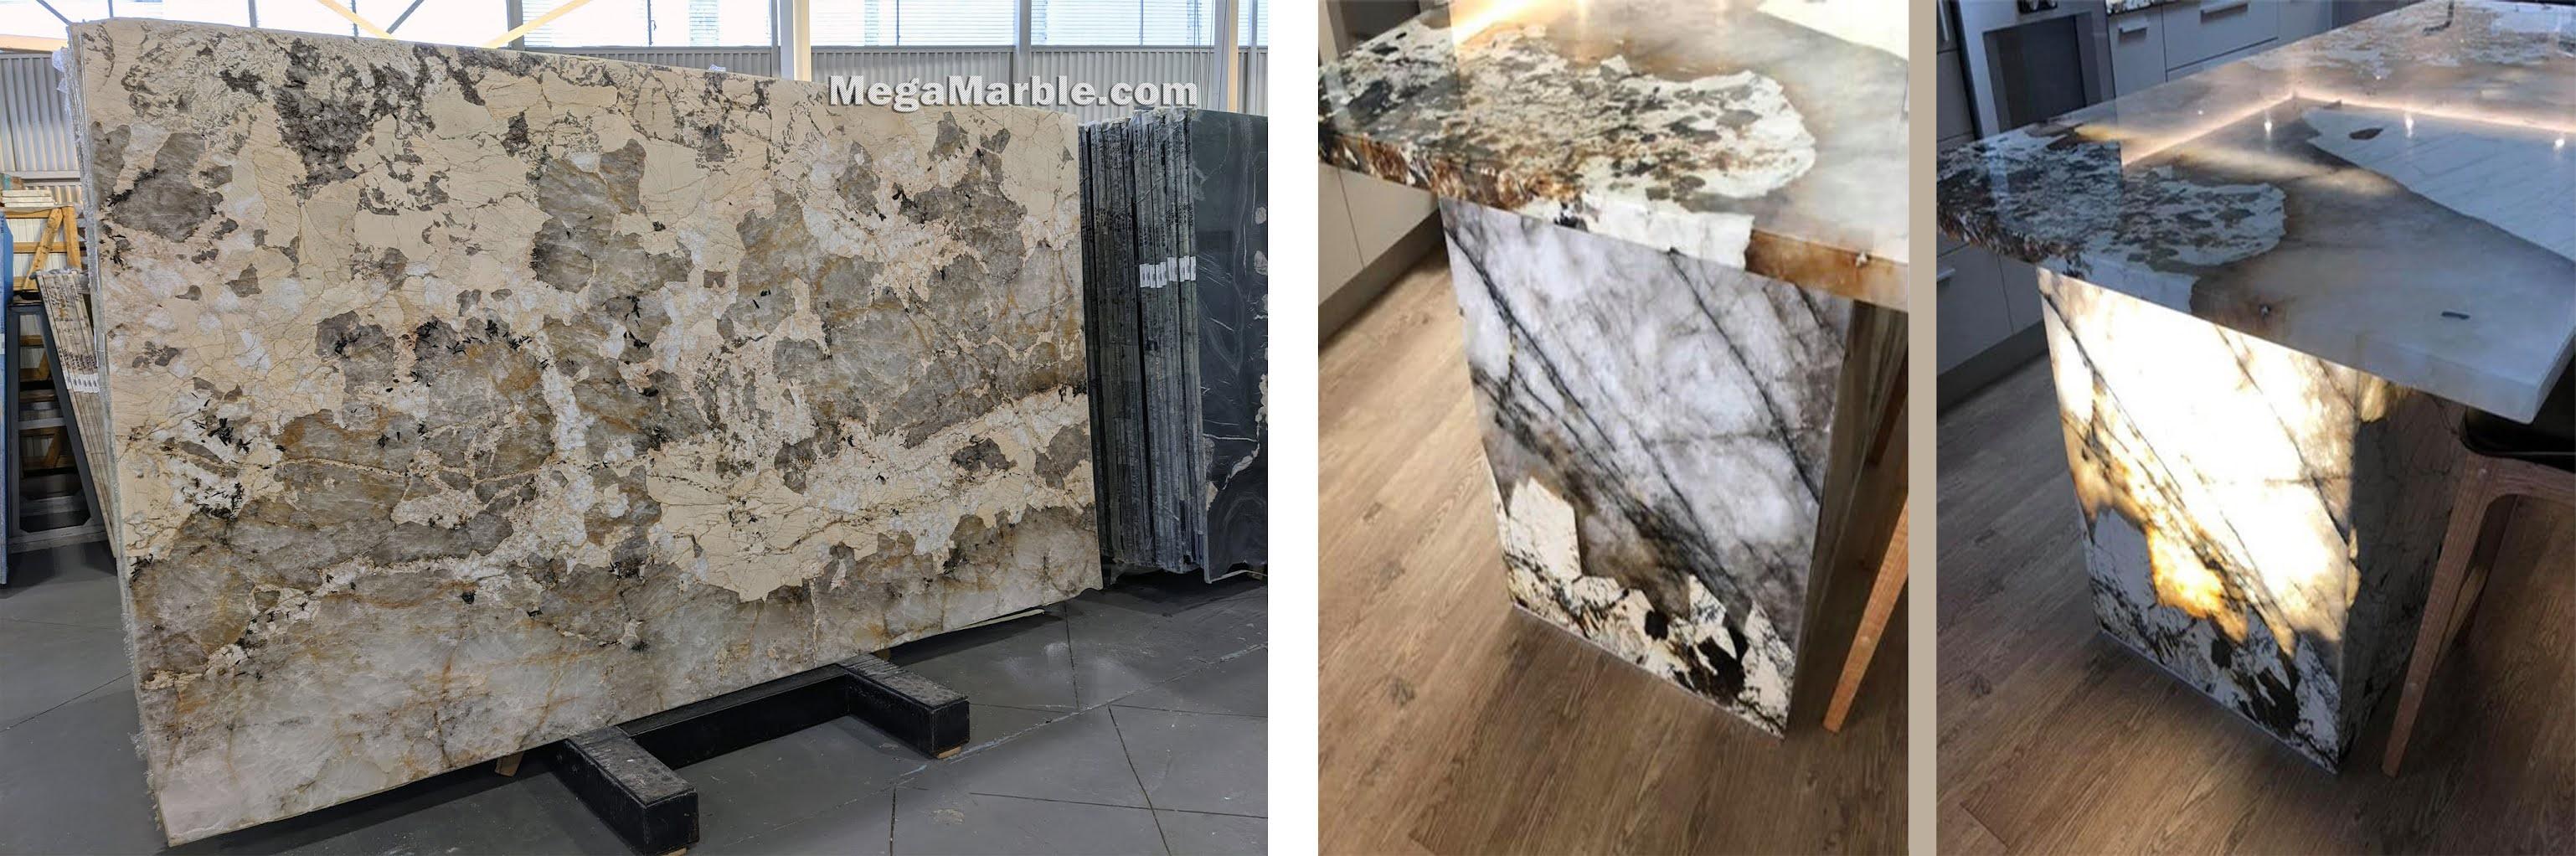 Patagonia Natural Stone Granite Slab